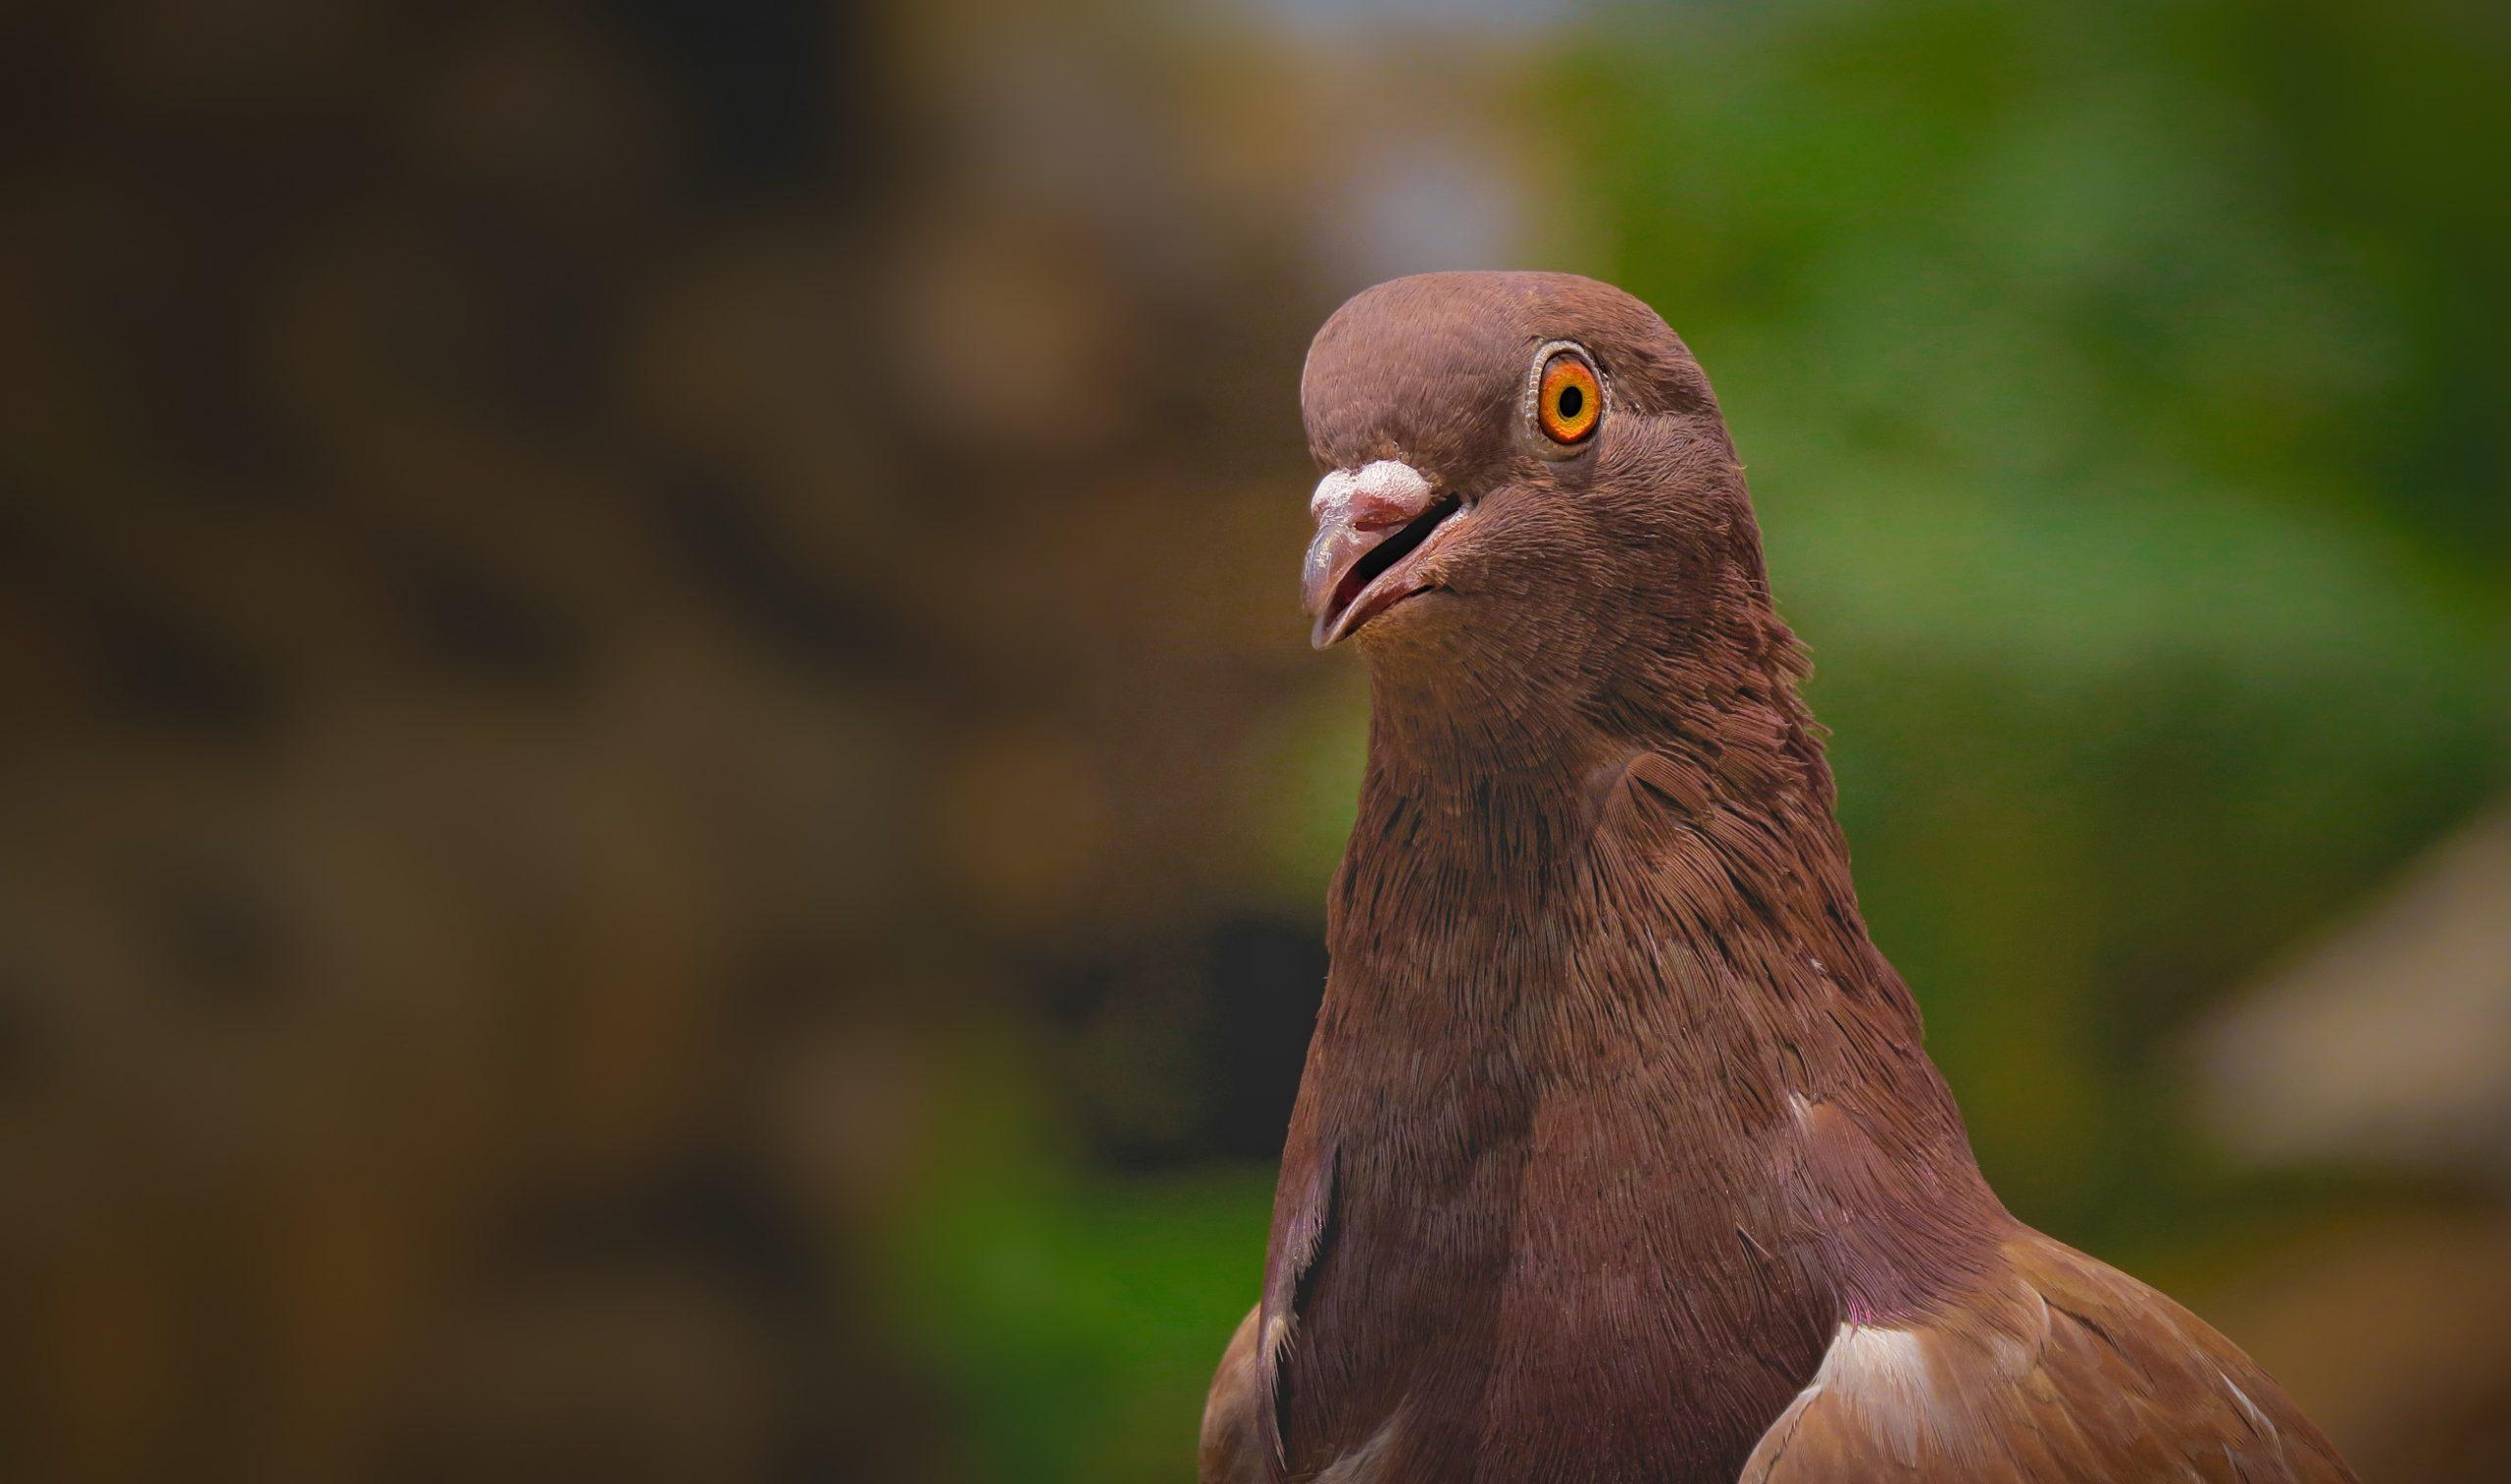 A brown dove